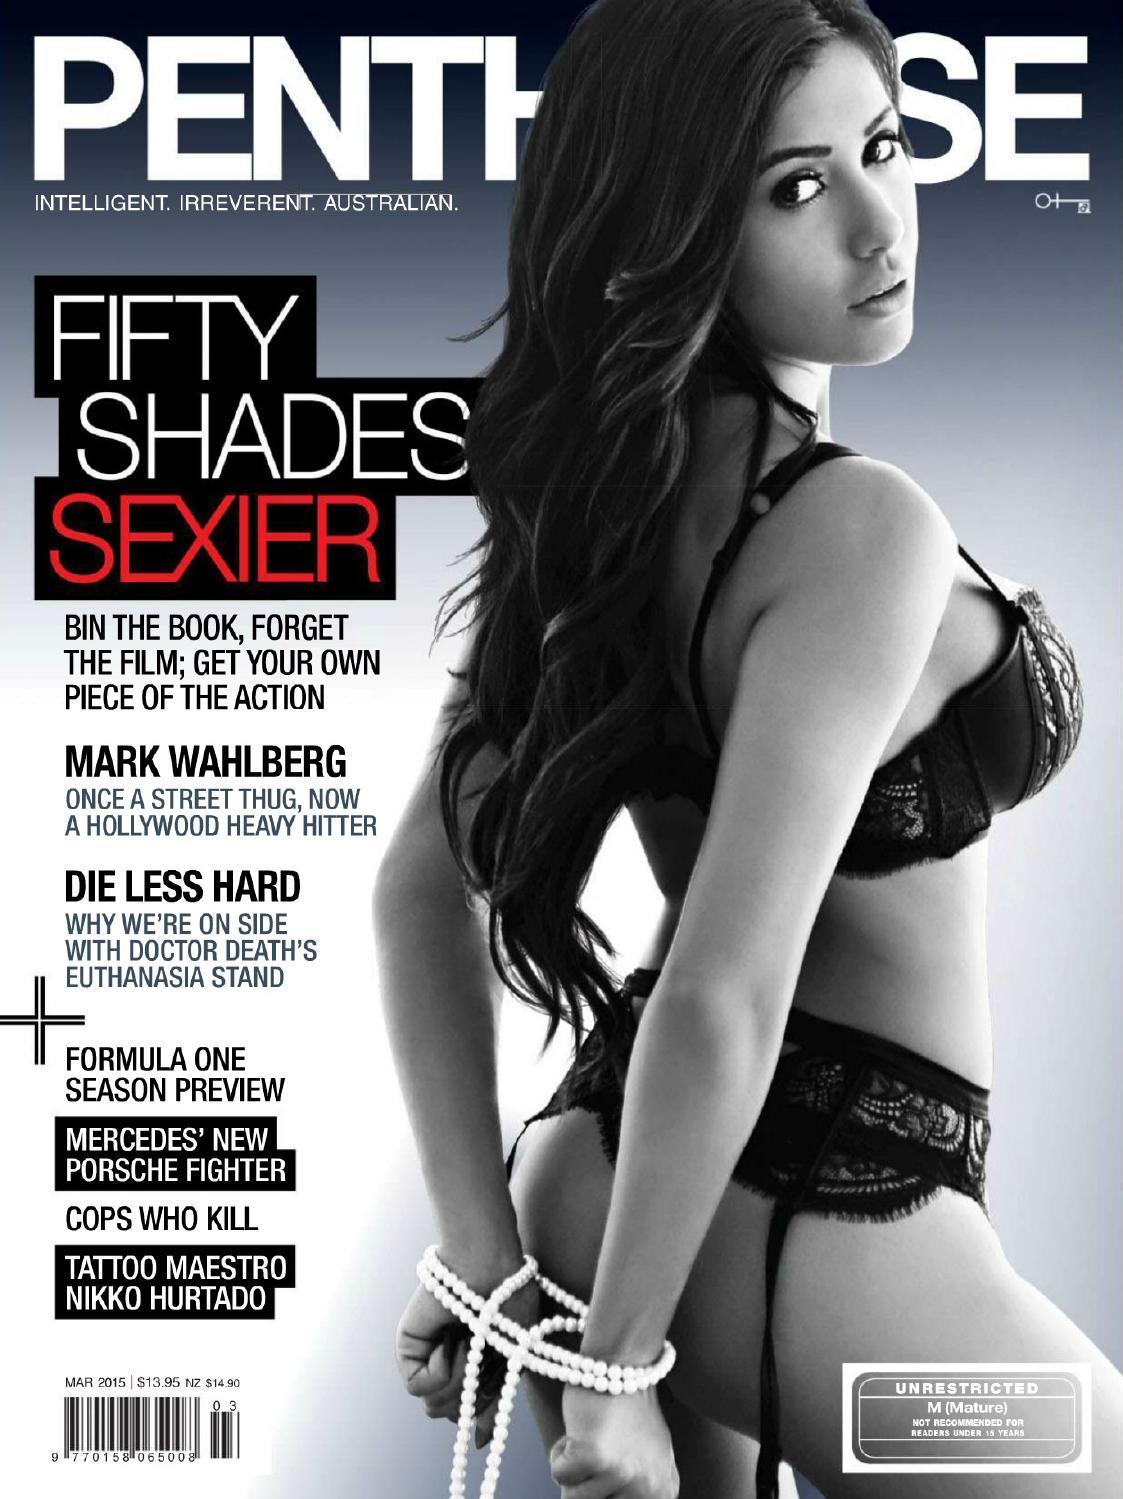 Смотреть эротические журналы пентхаус онлайн 8 фотография